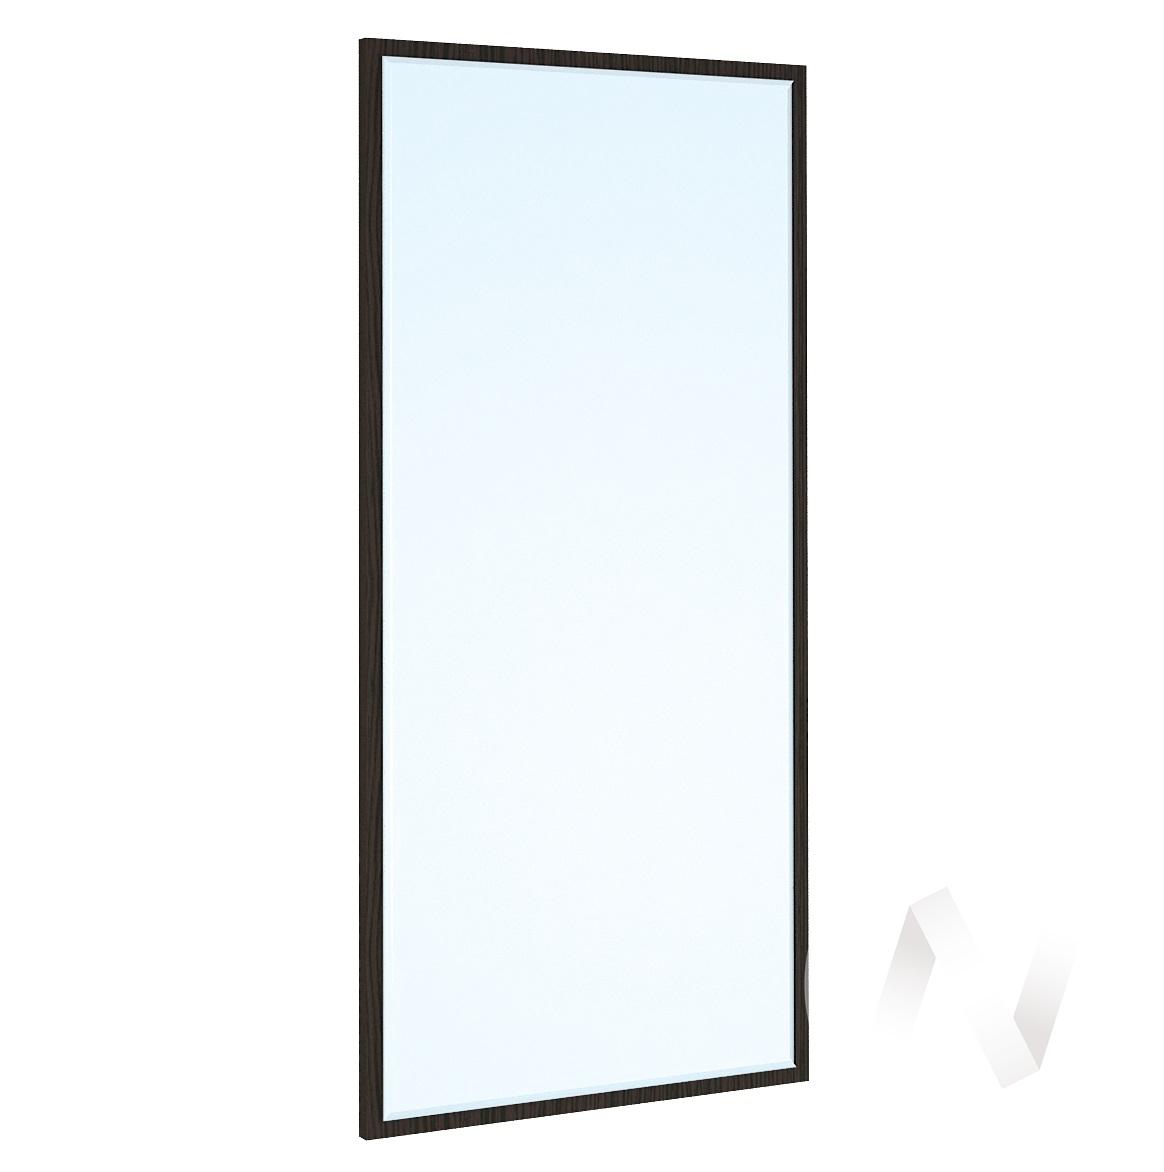 Зеркало ЯПЗ-1 Прихожая Ямайка (венге)  в Томске — интернет магазин МИРА-мебель